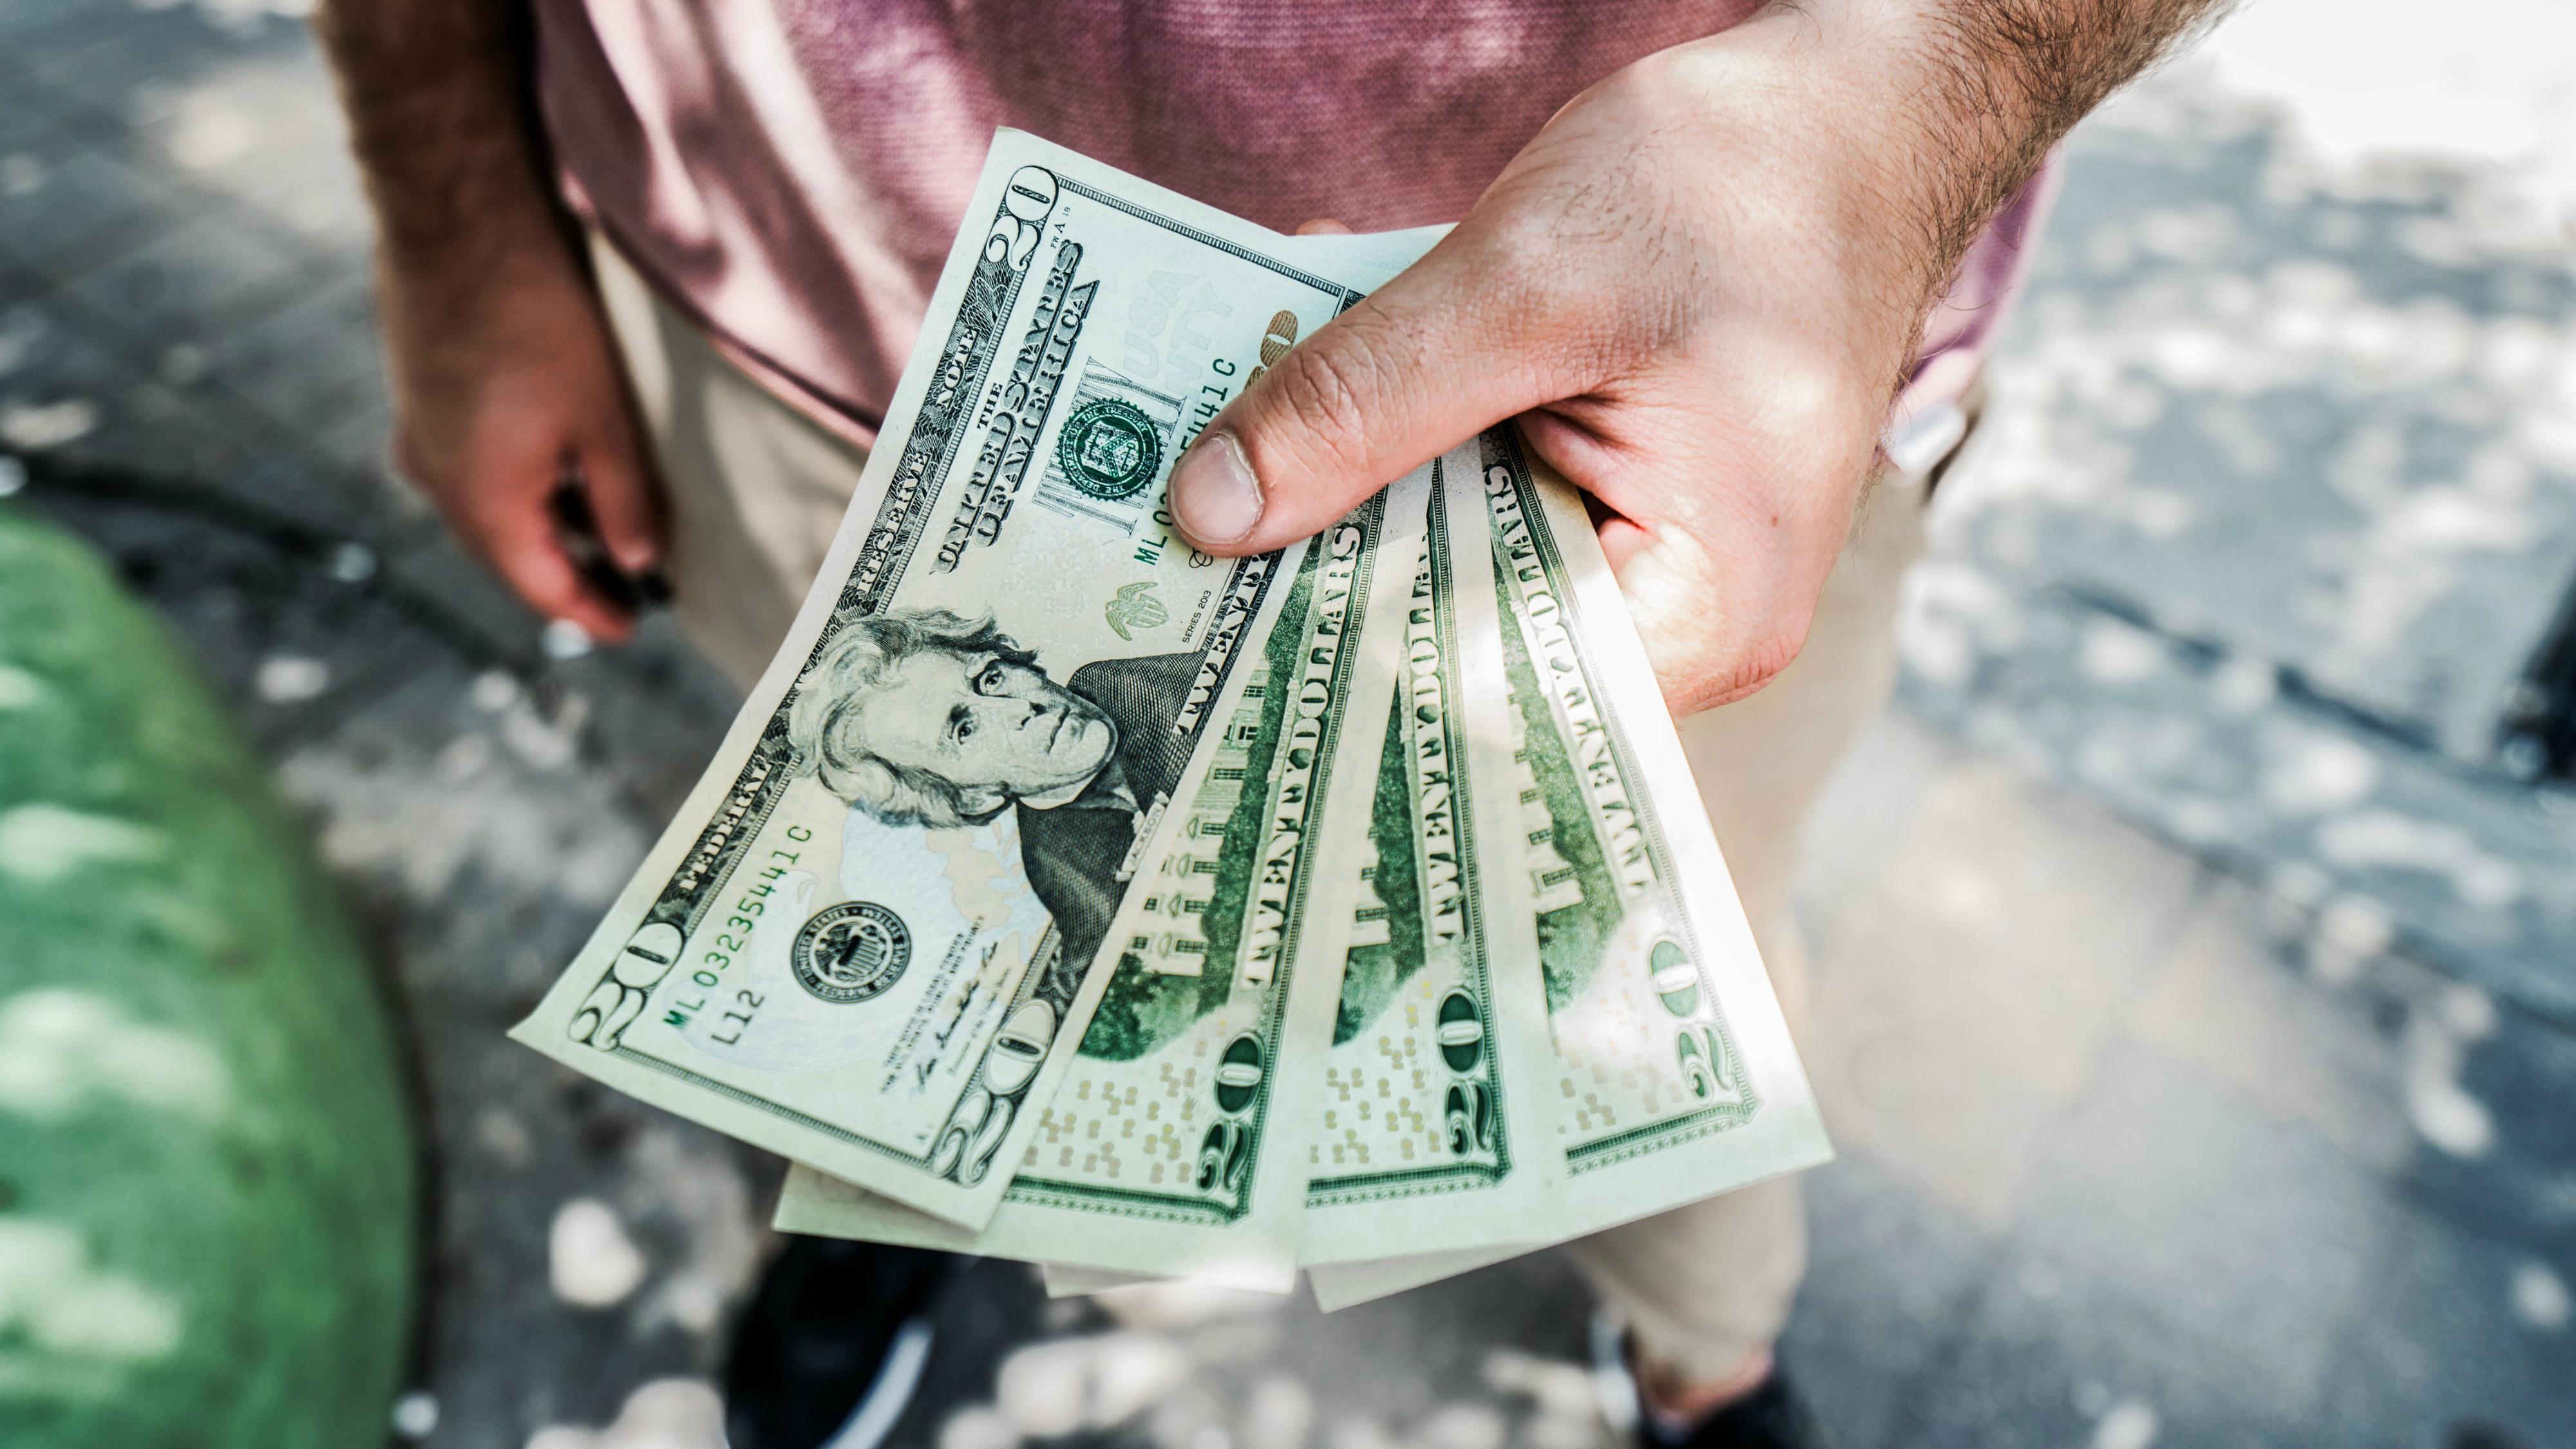 kā nopelnīt naudu interneta vietnēs, lai nopelnītu)